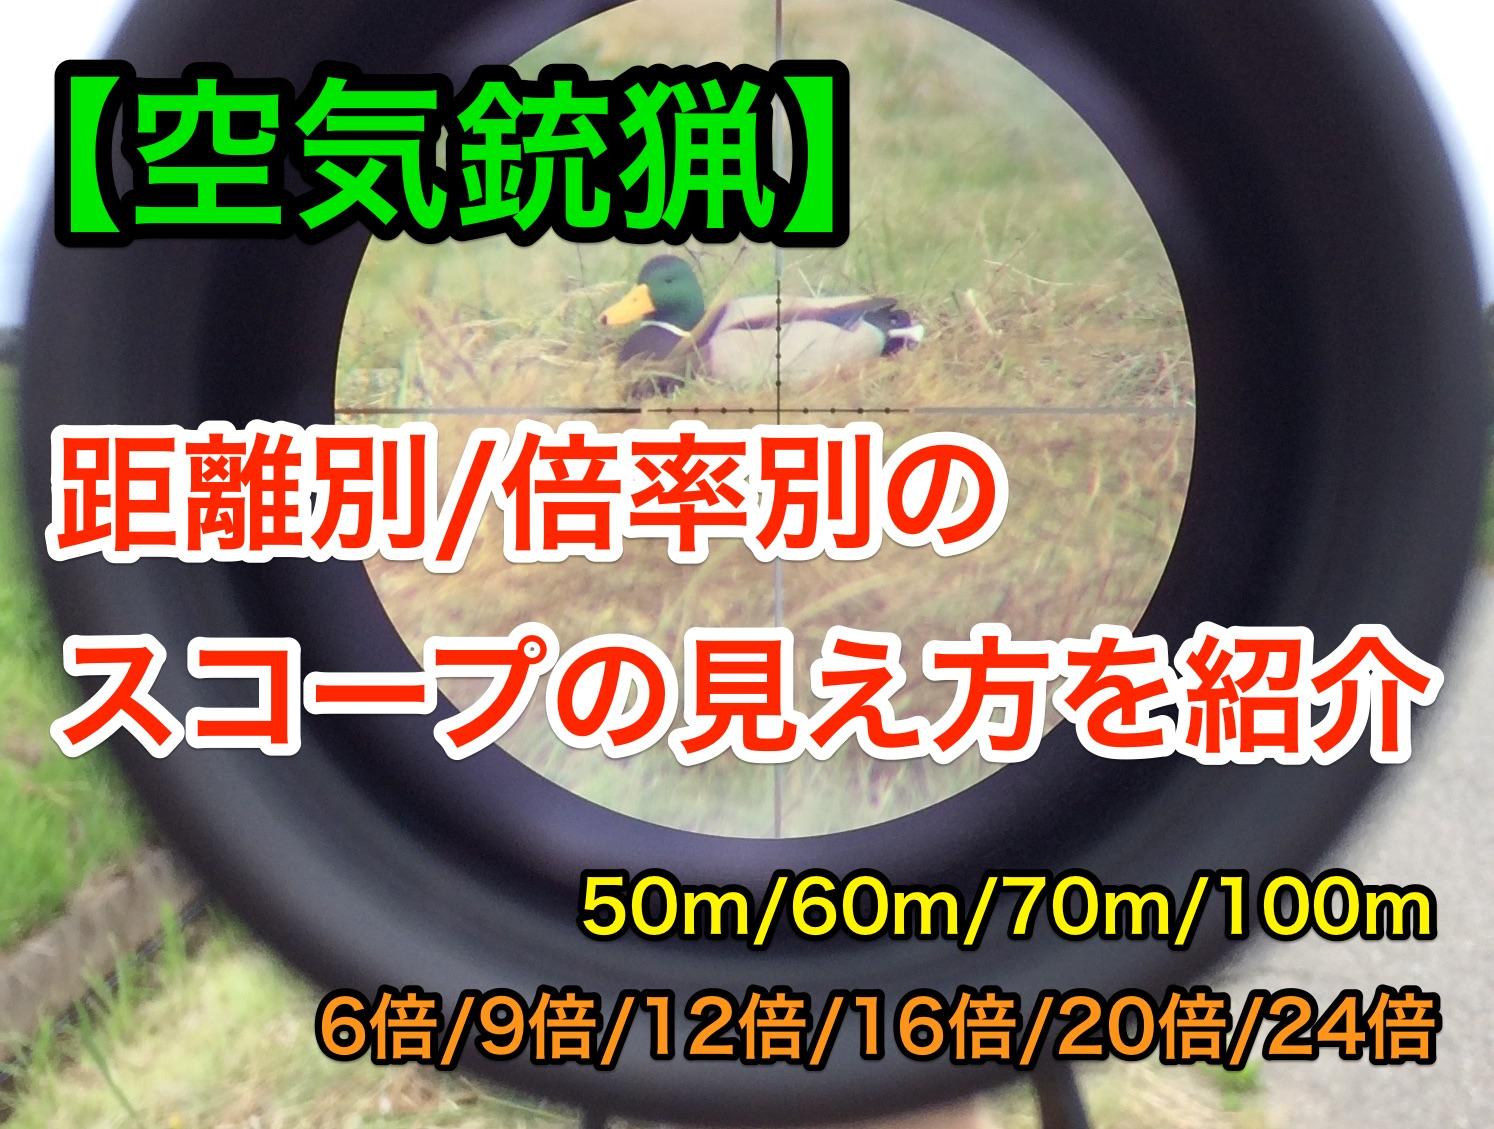 【空気銃】狩猟用スコープ6,9,12,16,20,24倍における獲物の見え方を紹介する